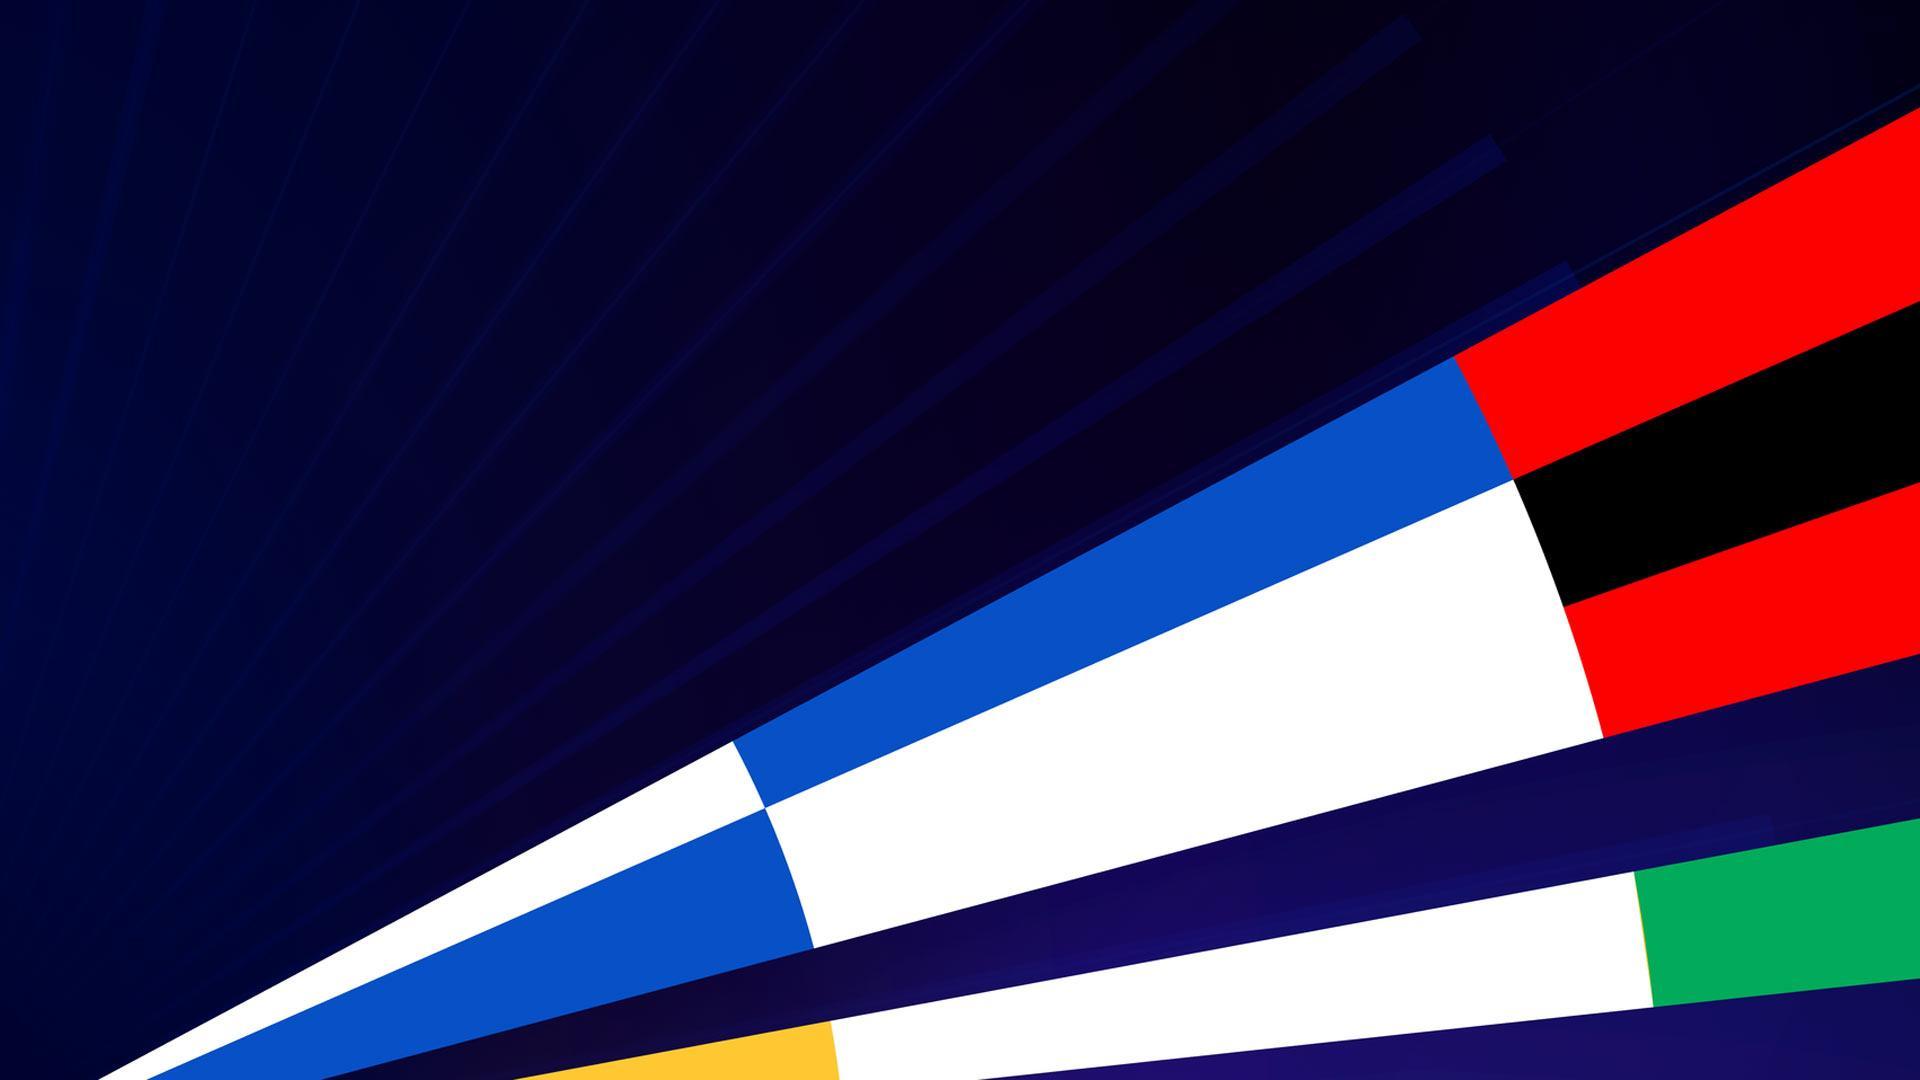 Jong dj-talent Pieter Gabriel produceert speciale muziektrack voor Eurovisie Songfestival 2020